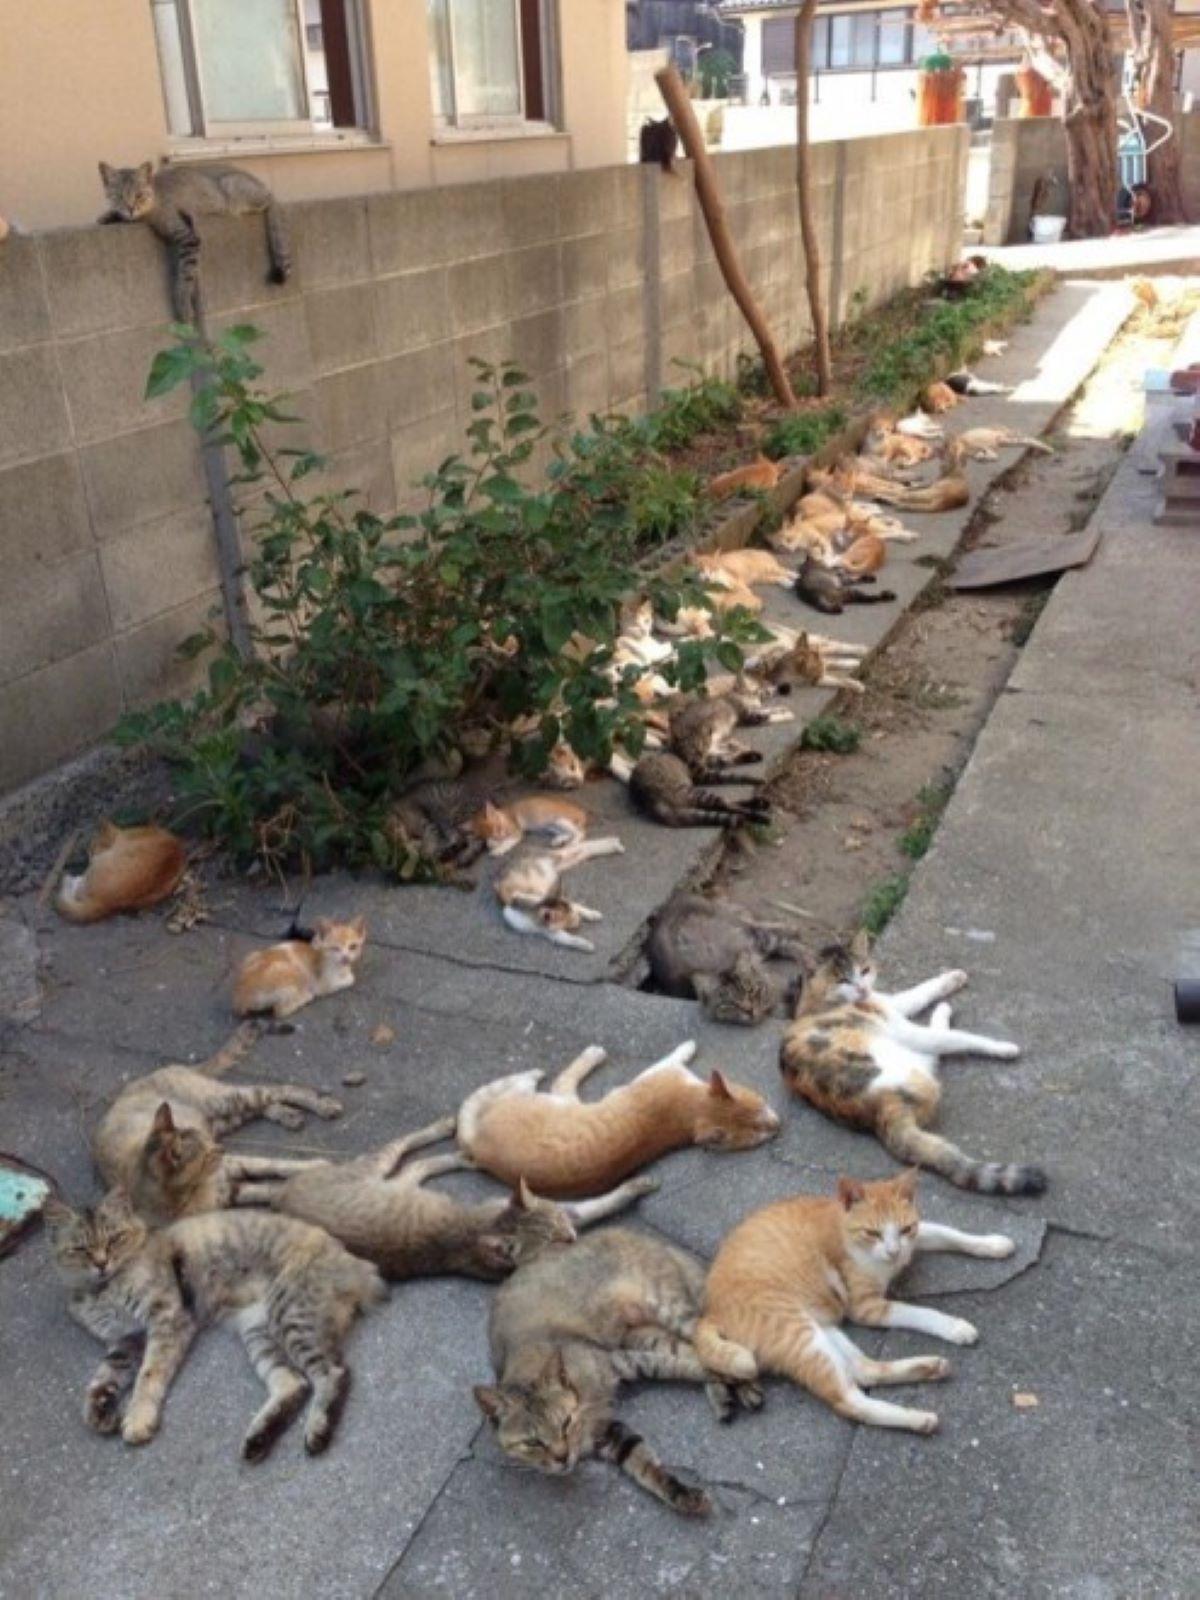 marea-di-gatti